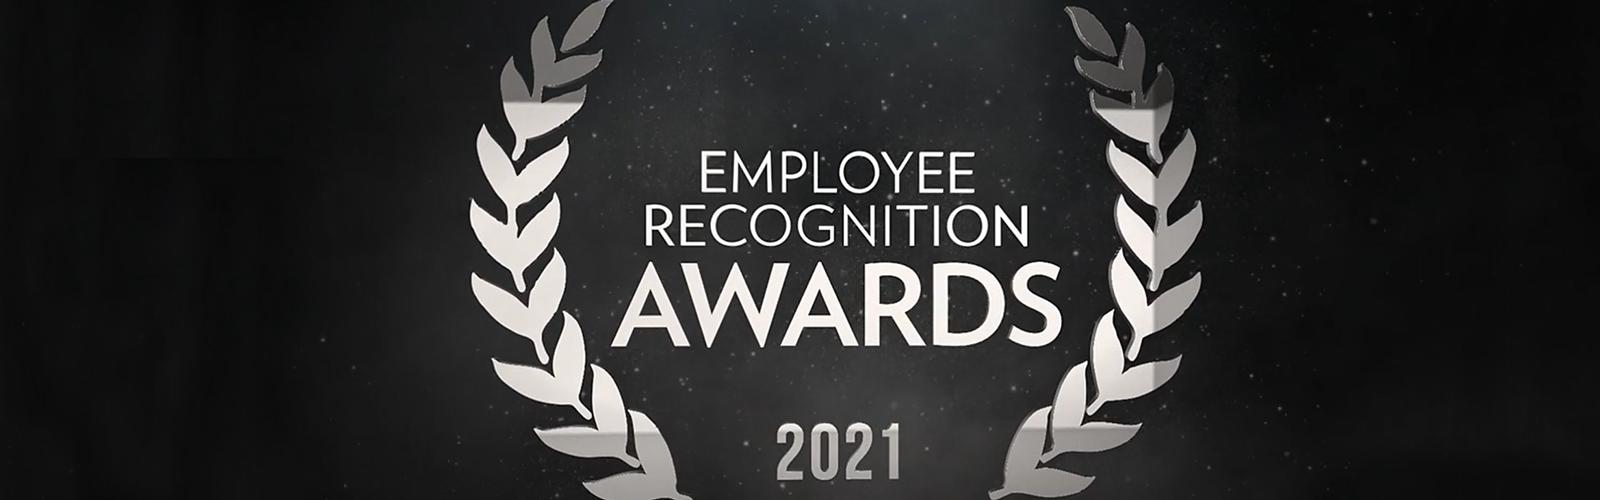 Award introduction slide